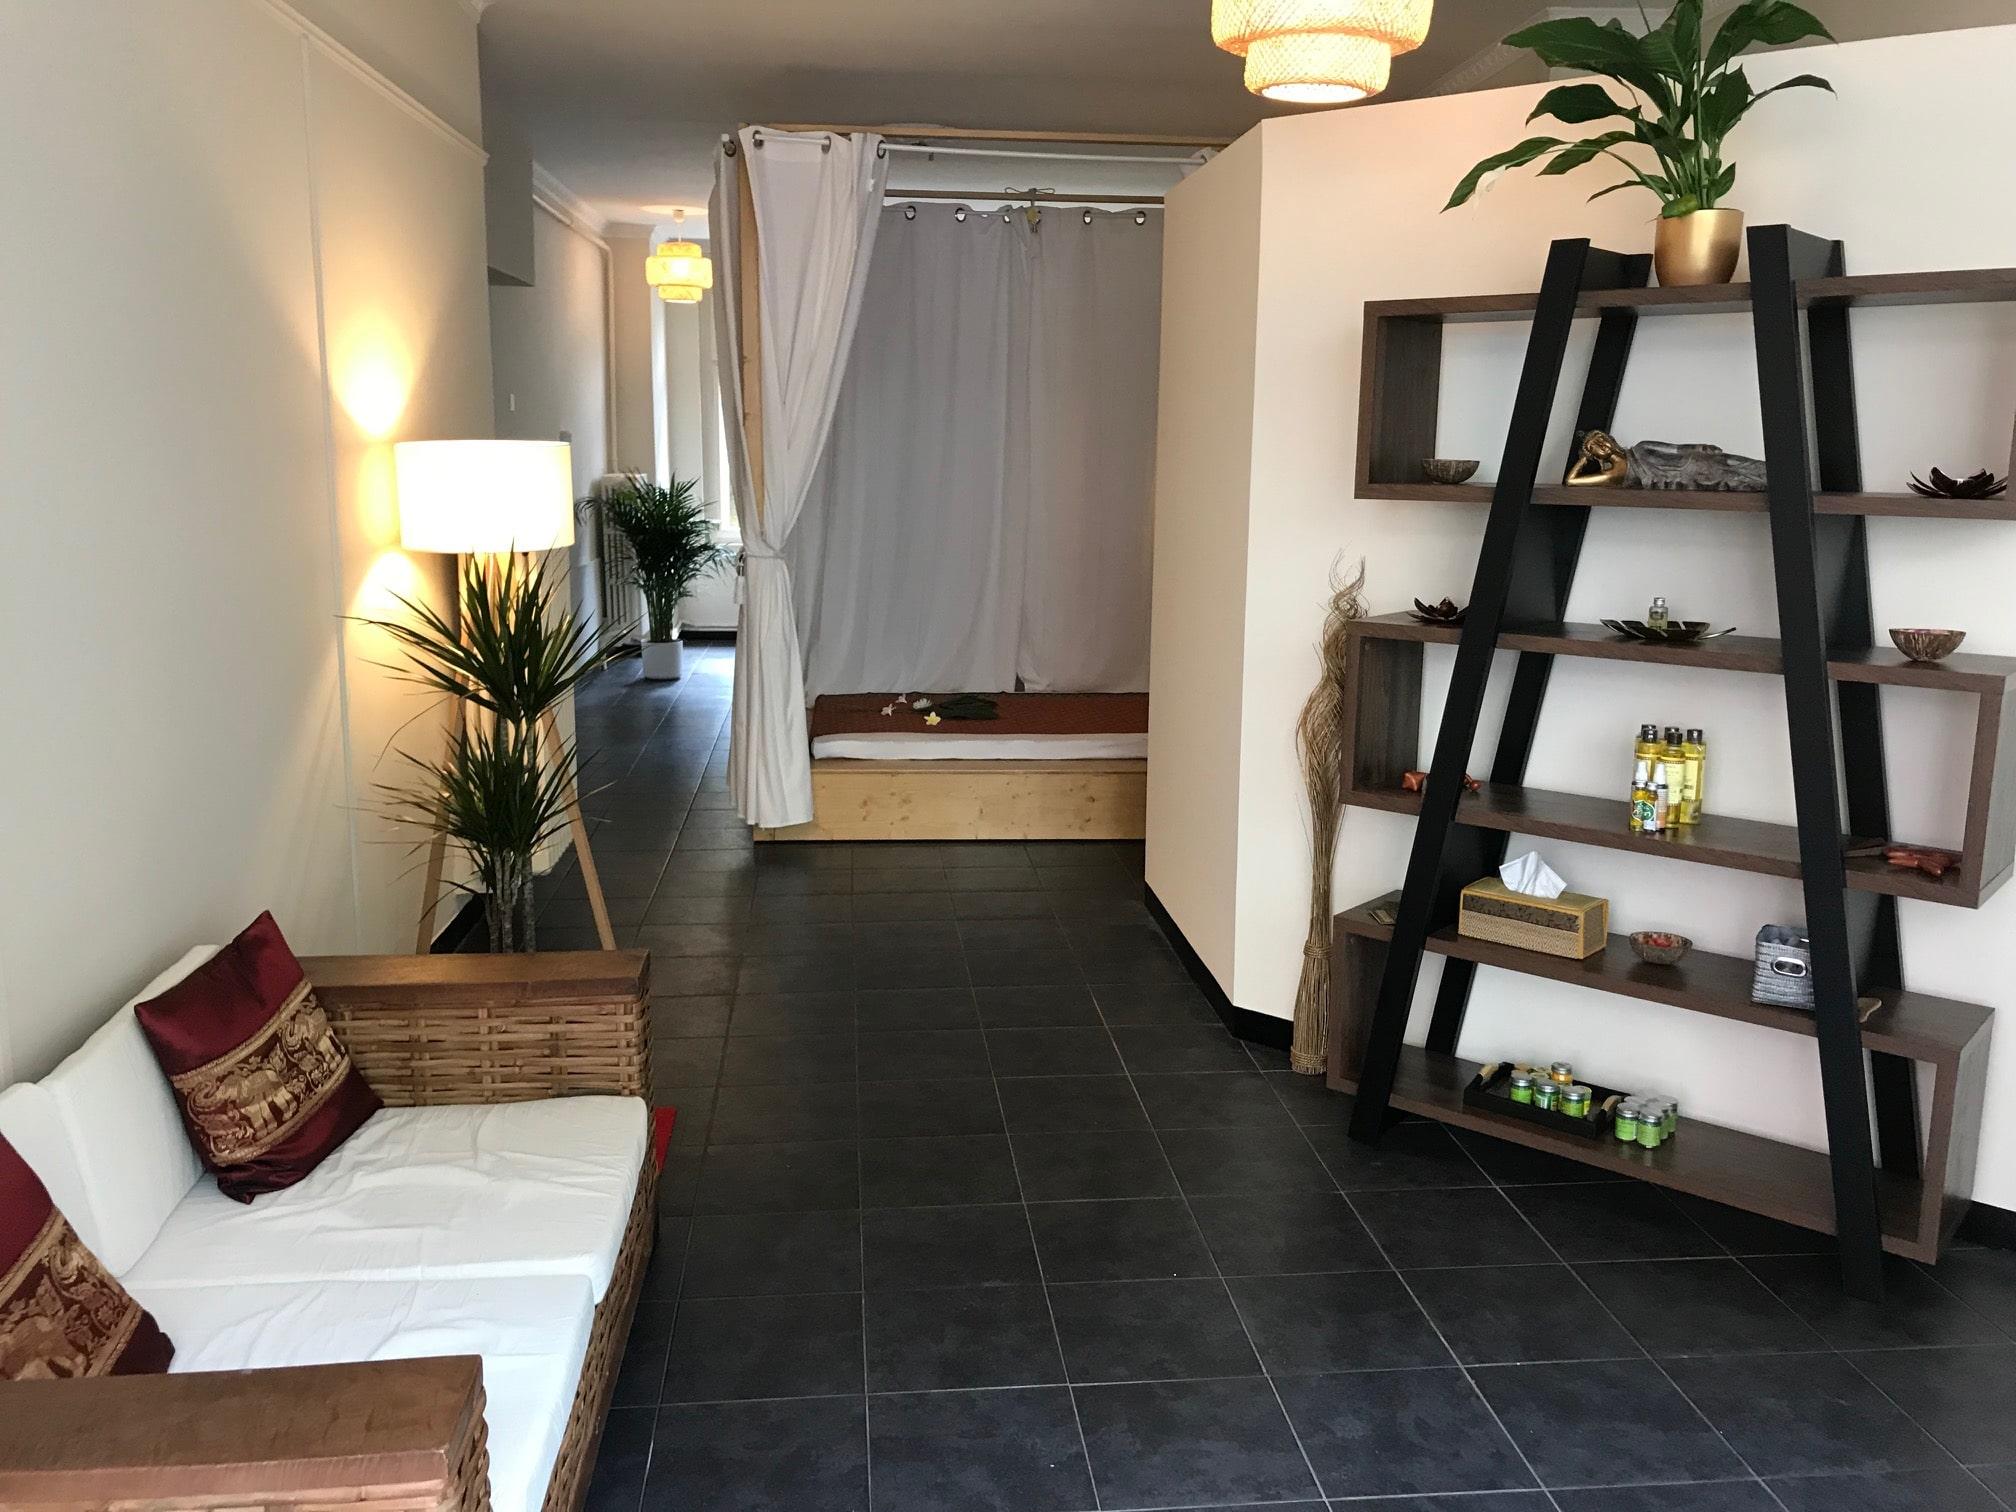 salon avec canapé, étagère, plantes et podium en bois